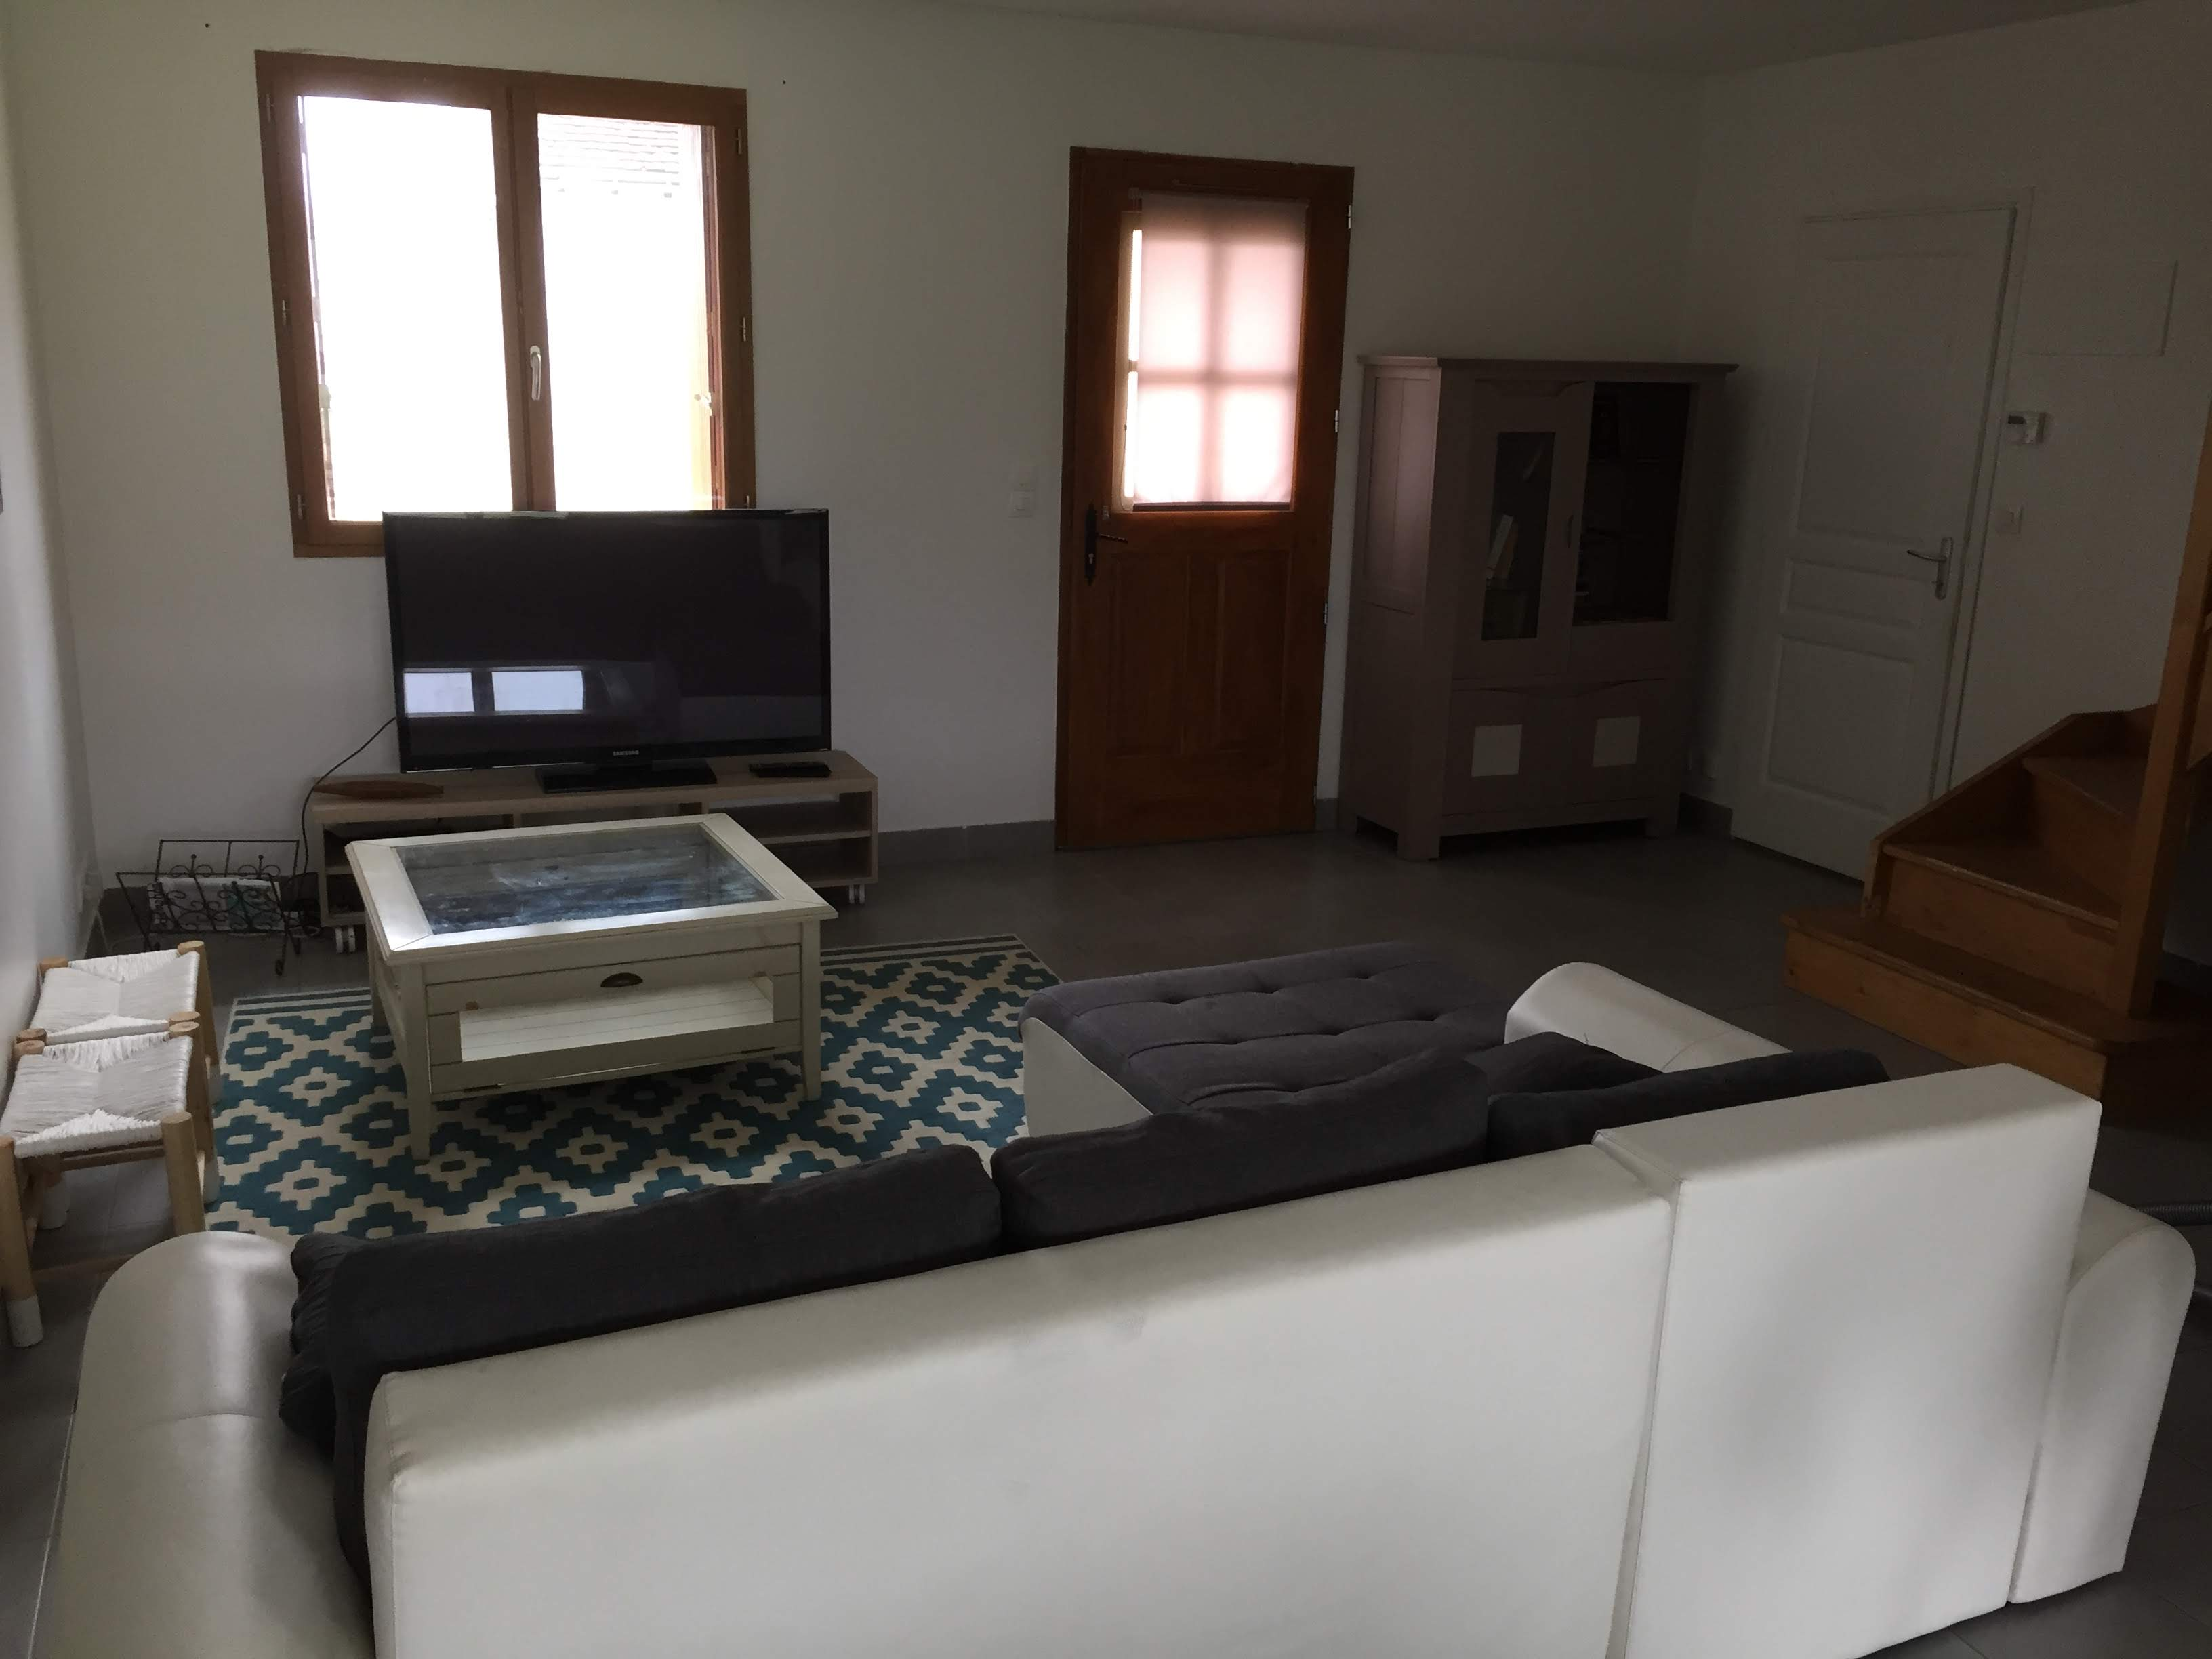 TV écran plat avec meuble livre et jeux